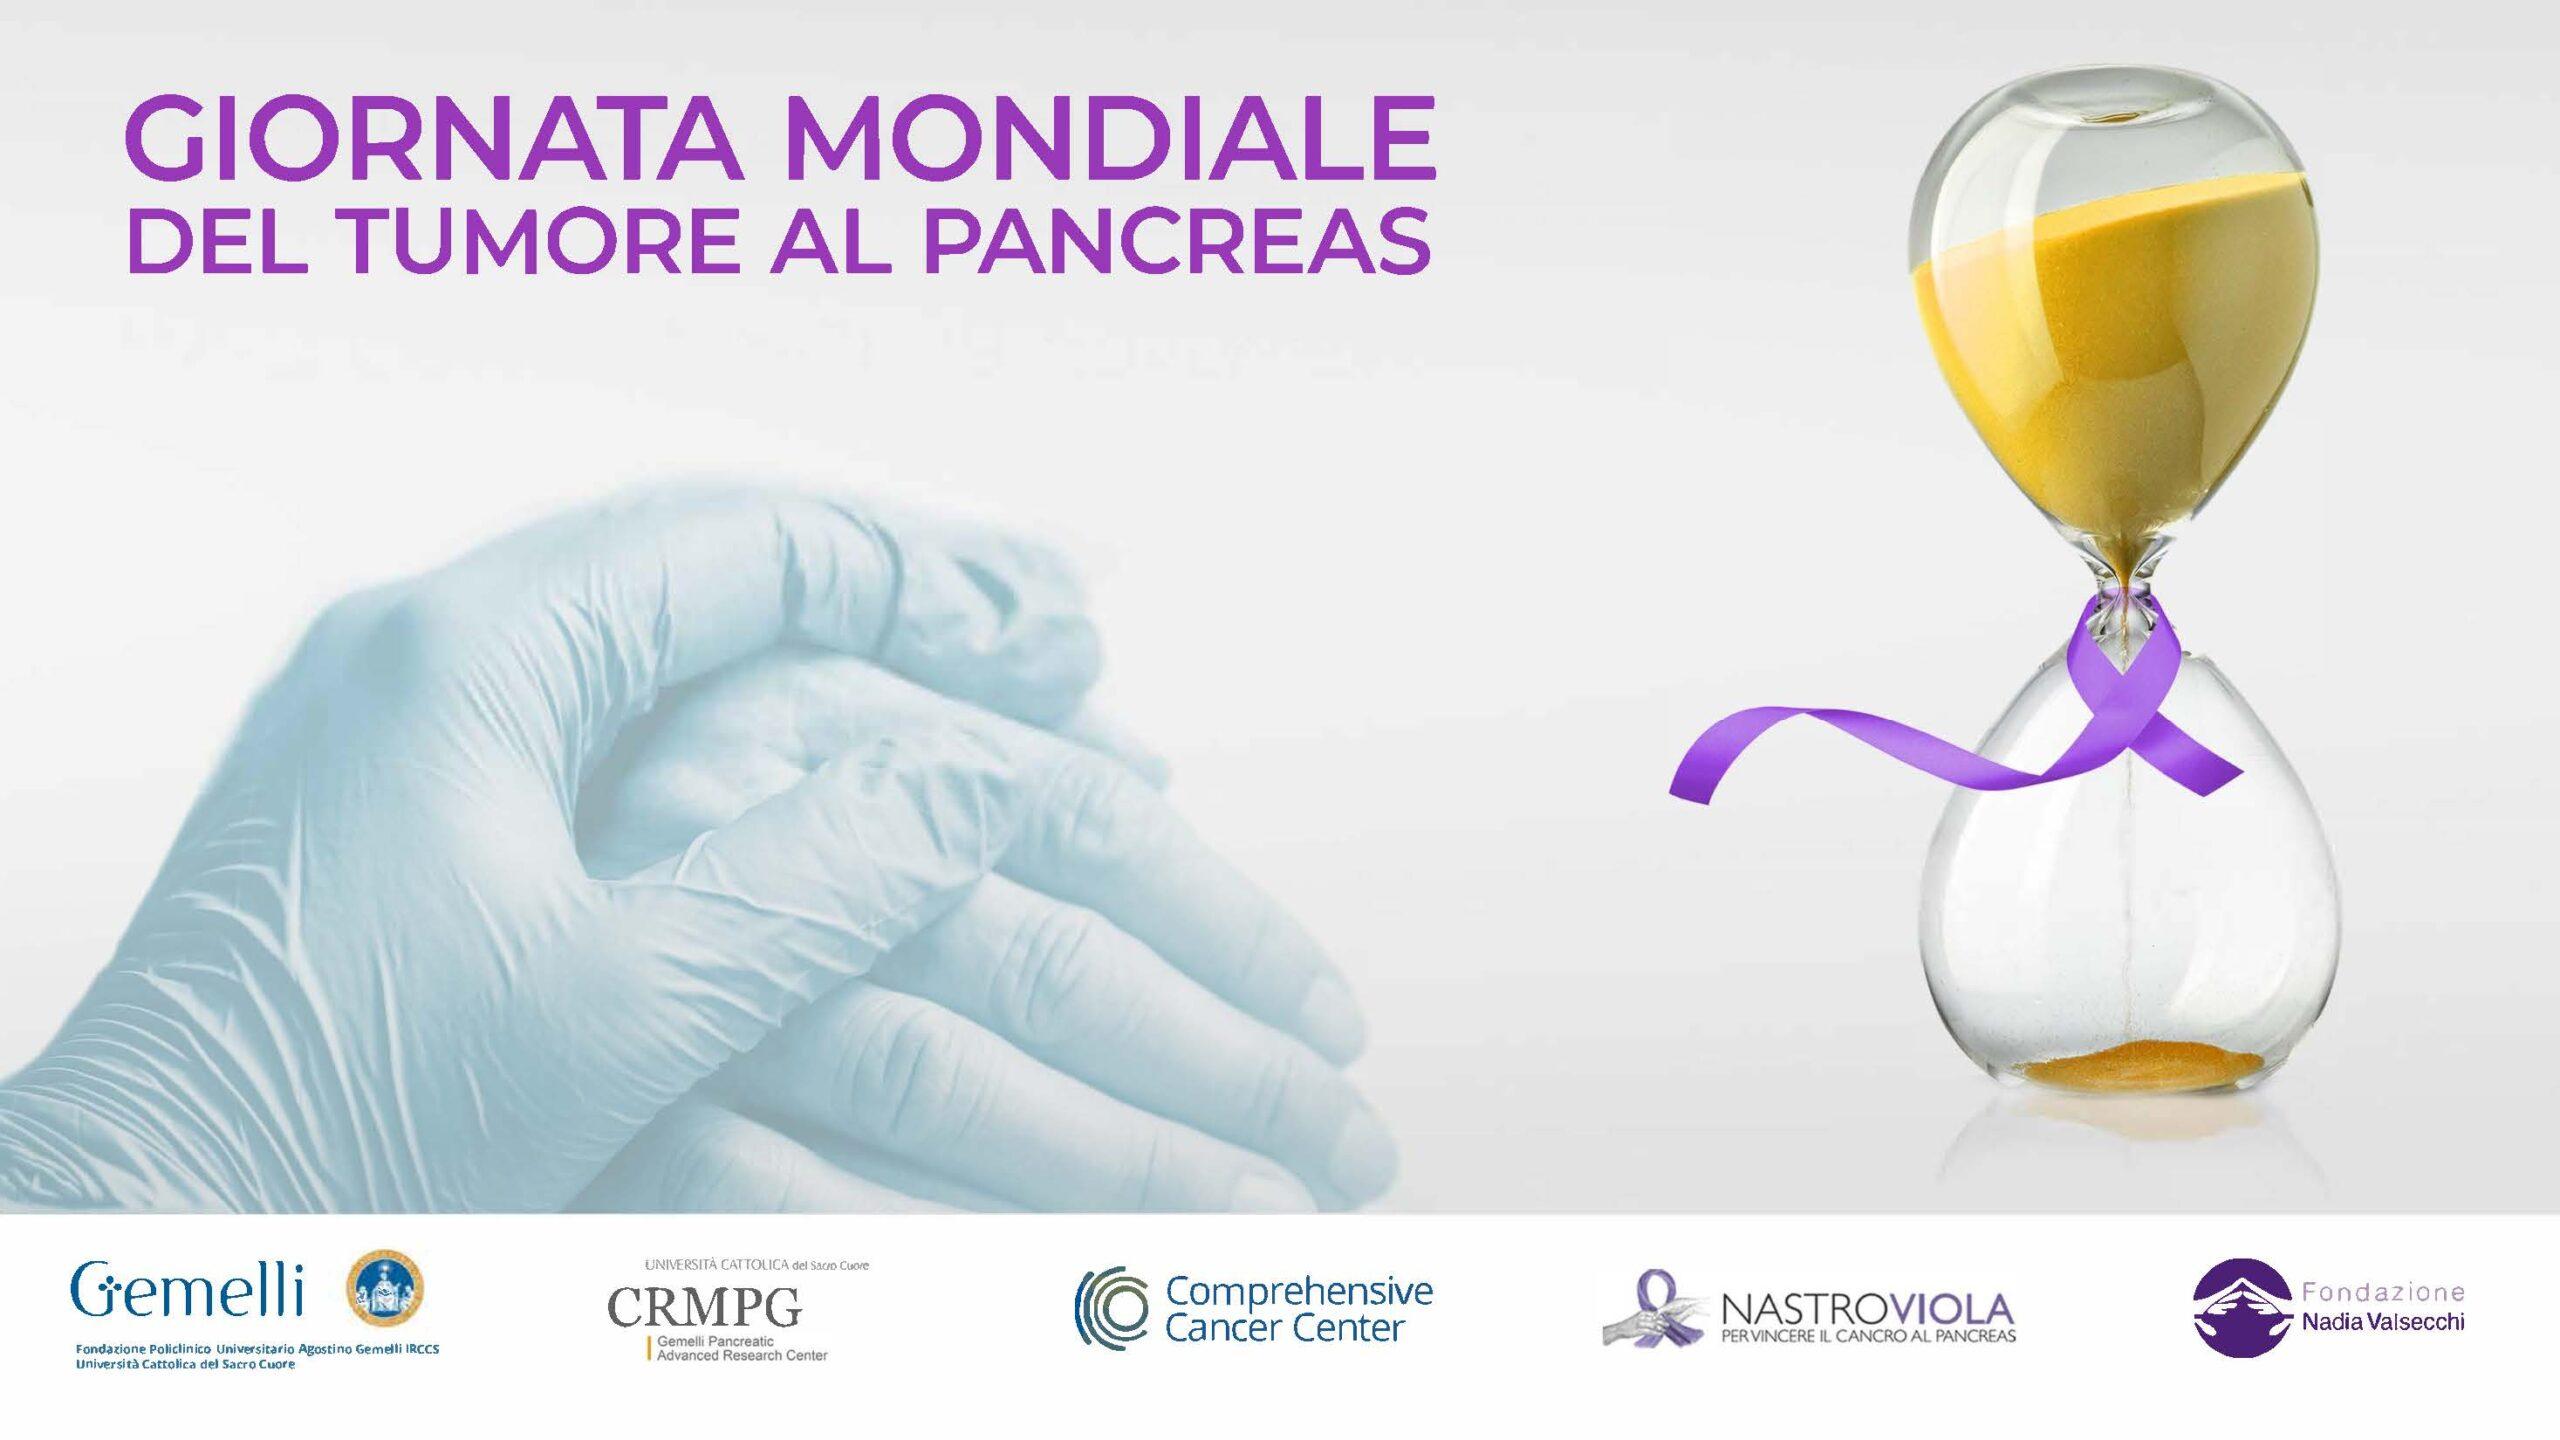 Giornata Mondiale Tumore Pancreas: al via la campagna di..